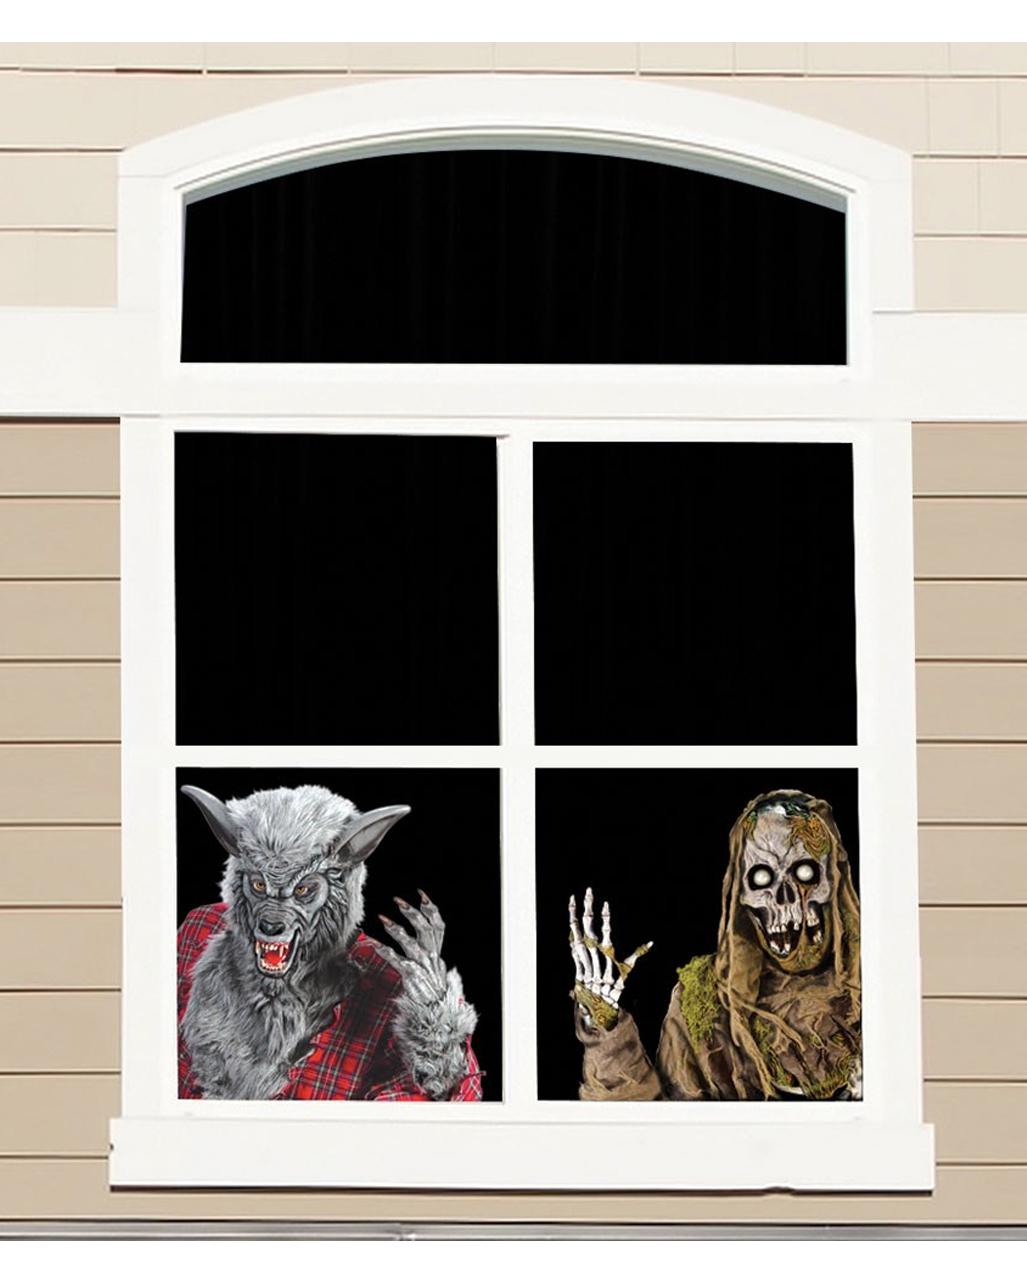 Fensterfolie Werwolf Und Skelett 60cm Bestellen Karneval Universe